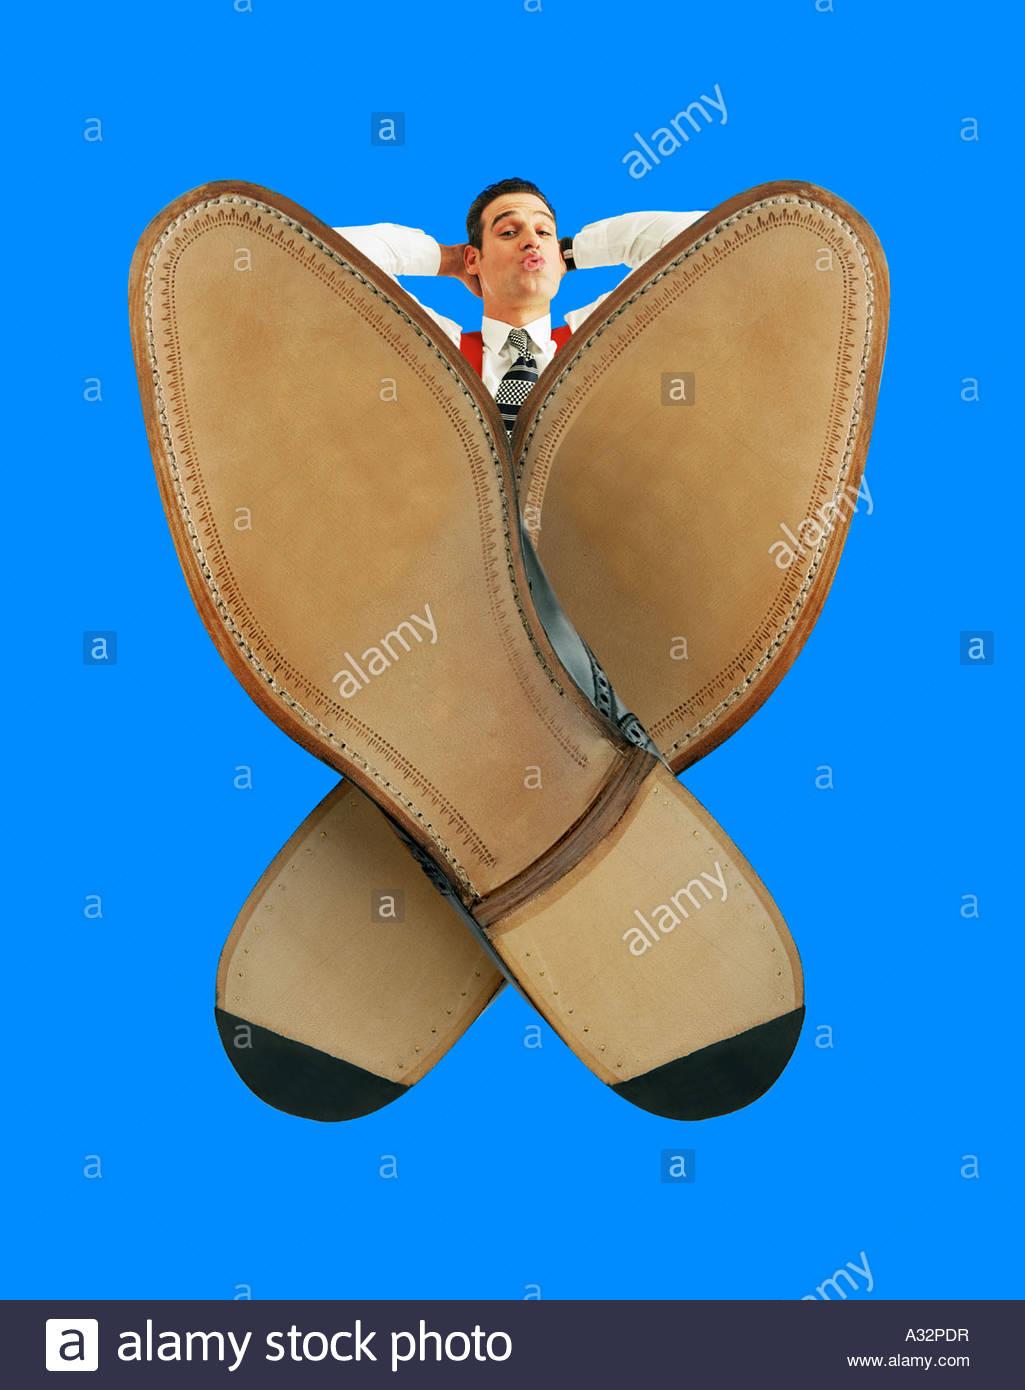 Entspannt, blickte Man mit den Füßen auf dem Schreibtisch, überquerten. Extreme Weitwinkel-Wirkung. Stockbild